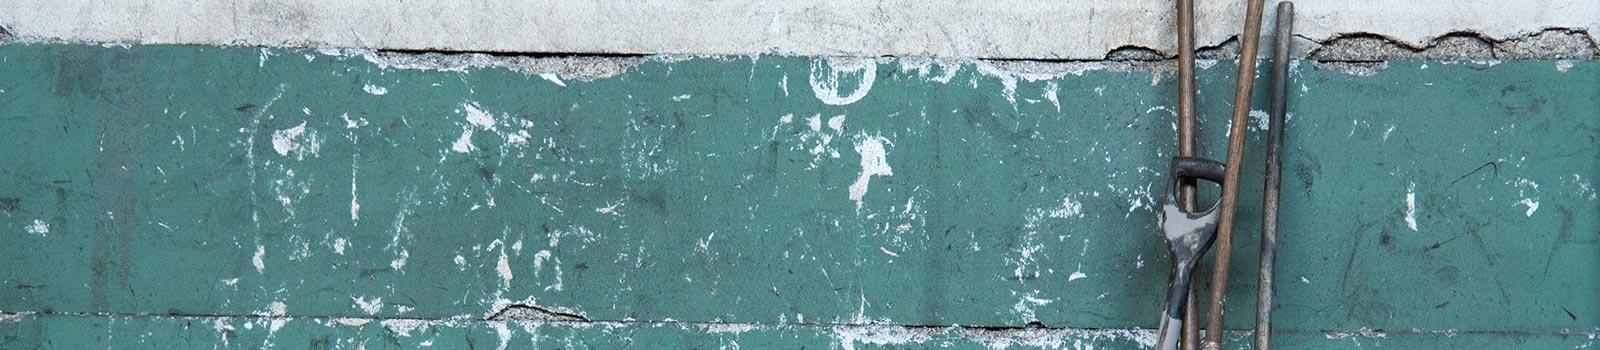 Ein durch nässe beschädigtes Mauerwerk.